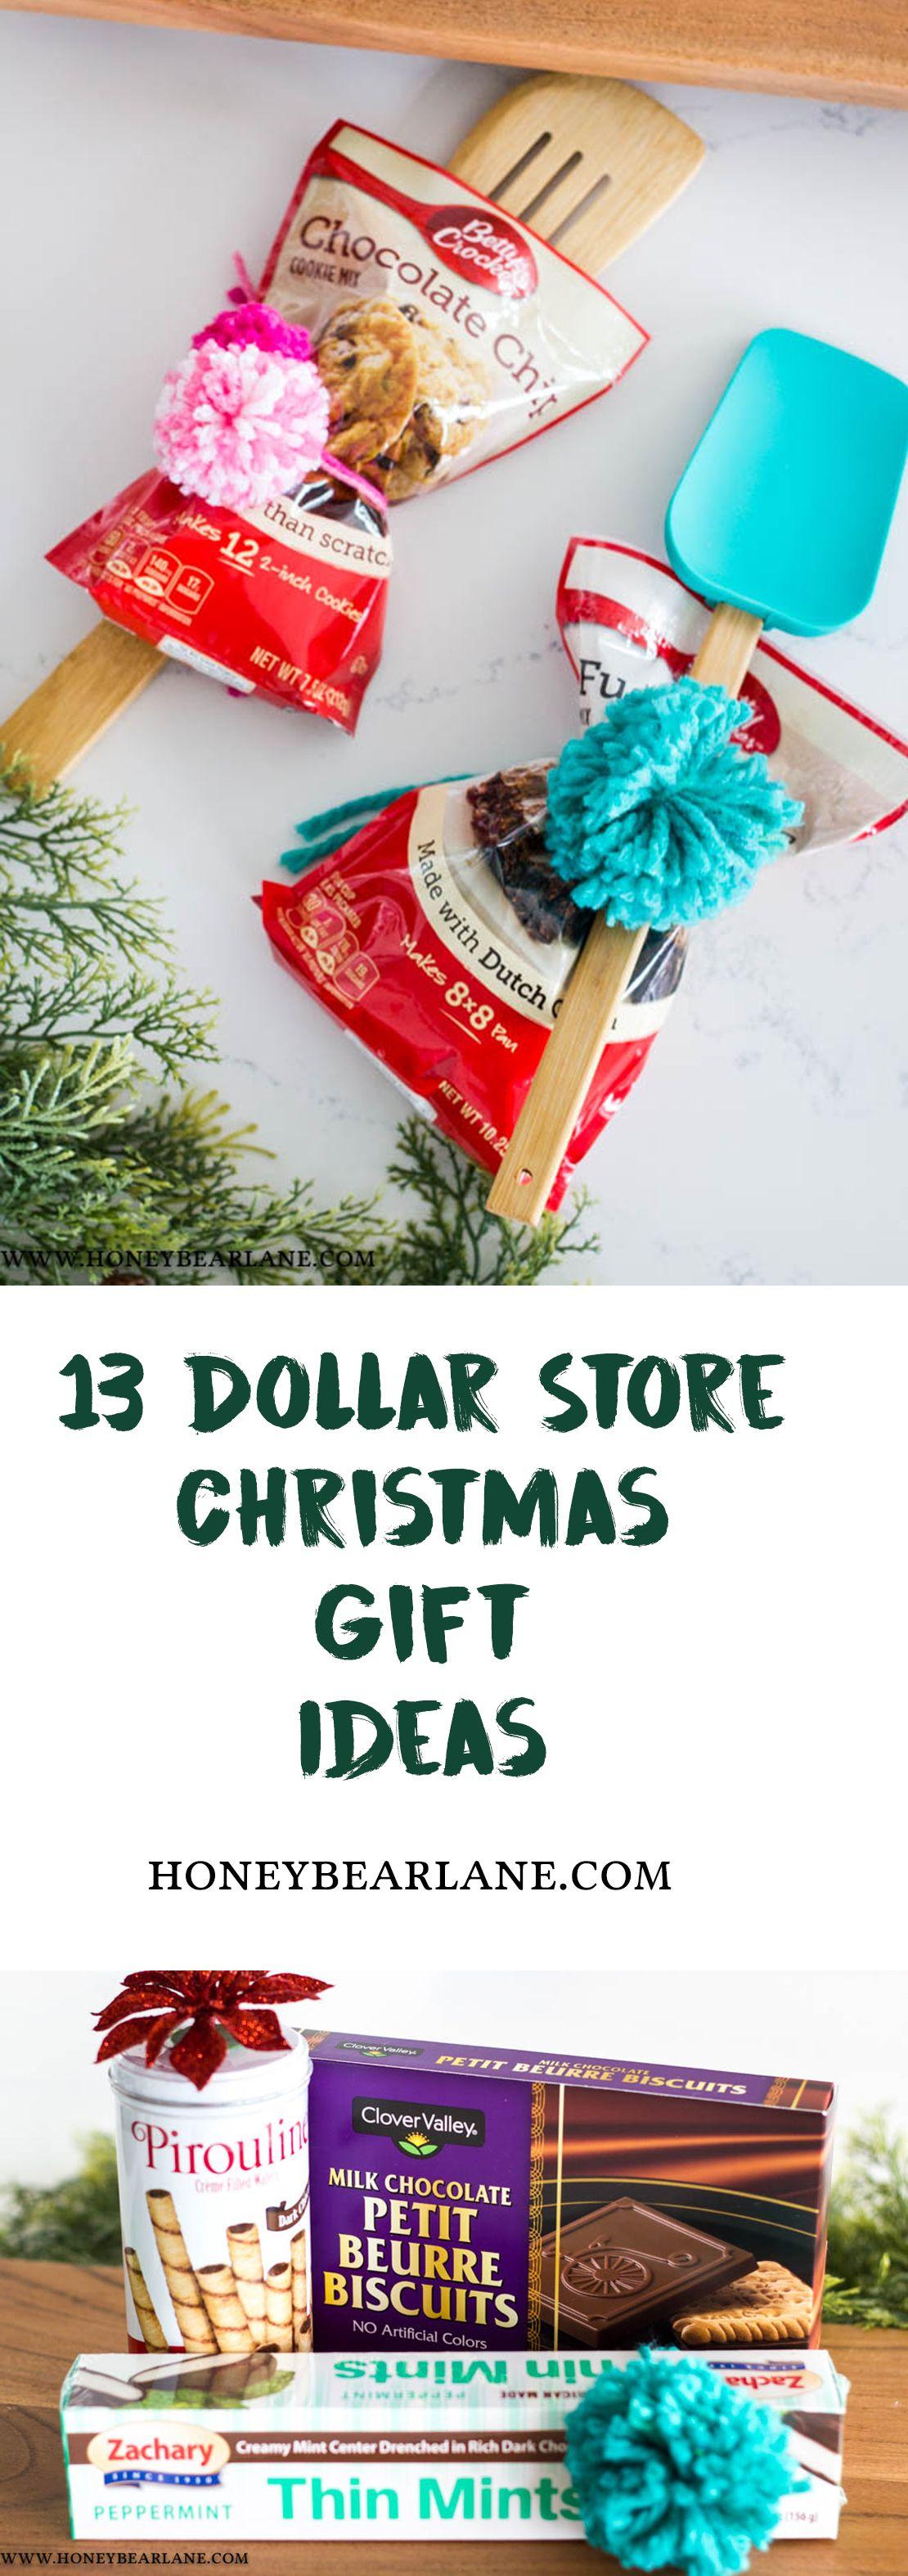 13 Dollar Store Gift Ideas for Christmas – Honeybear Lane